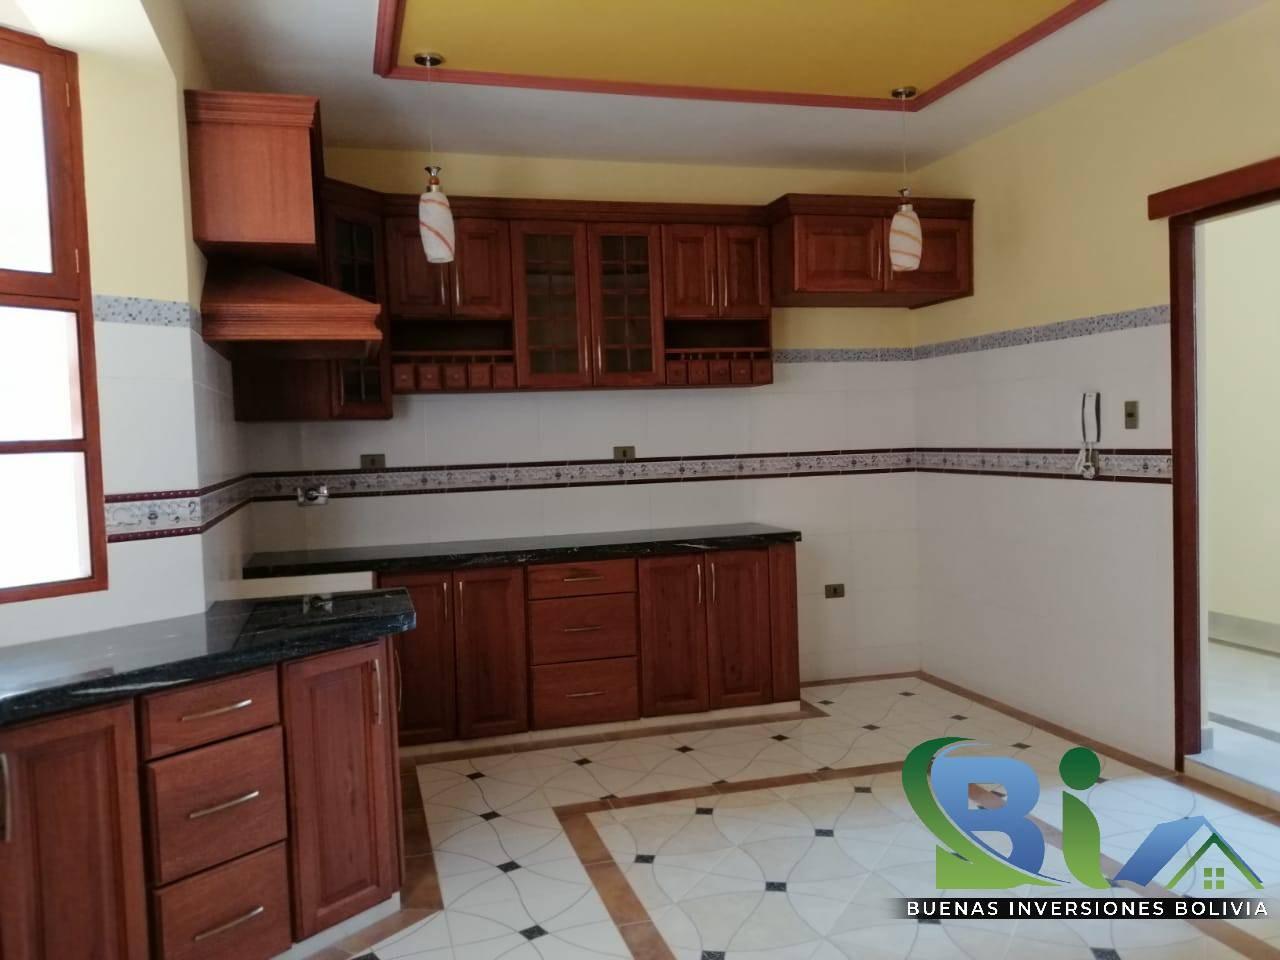 Casa en Venta $us 362.000.- CASA NUEVA PROX. PARQUE LINCOLN Foto 14